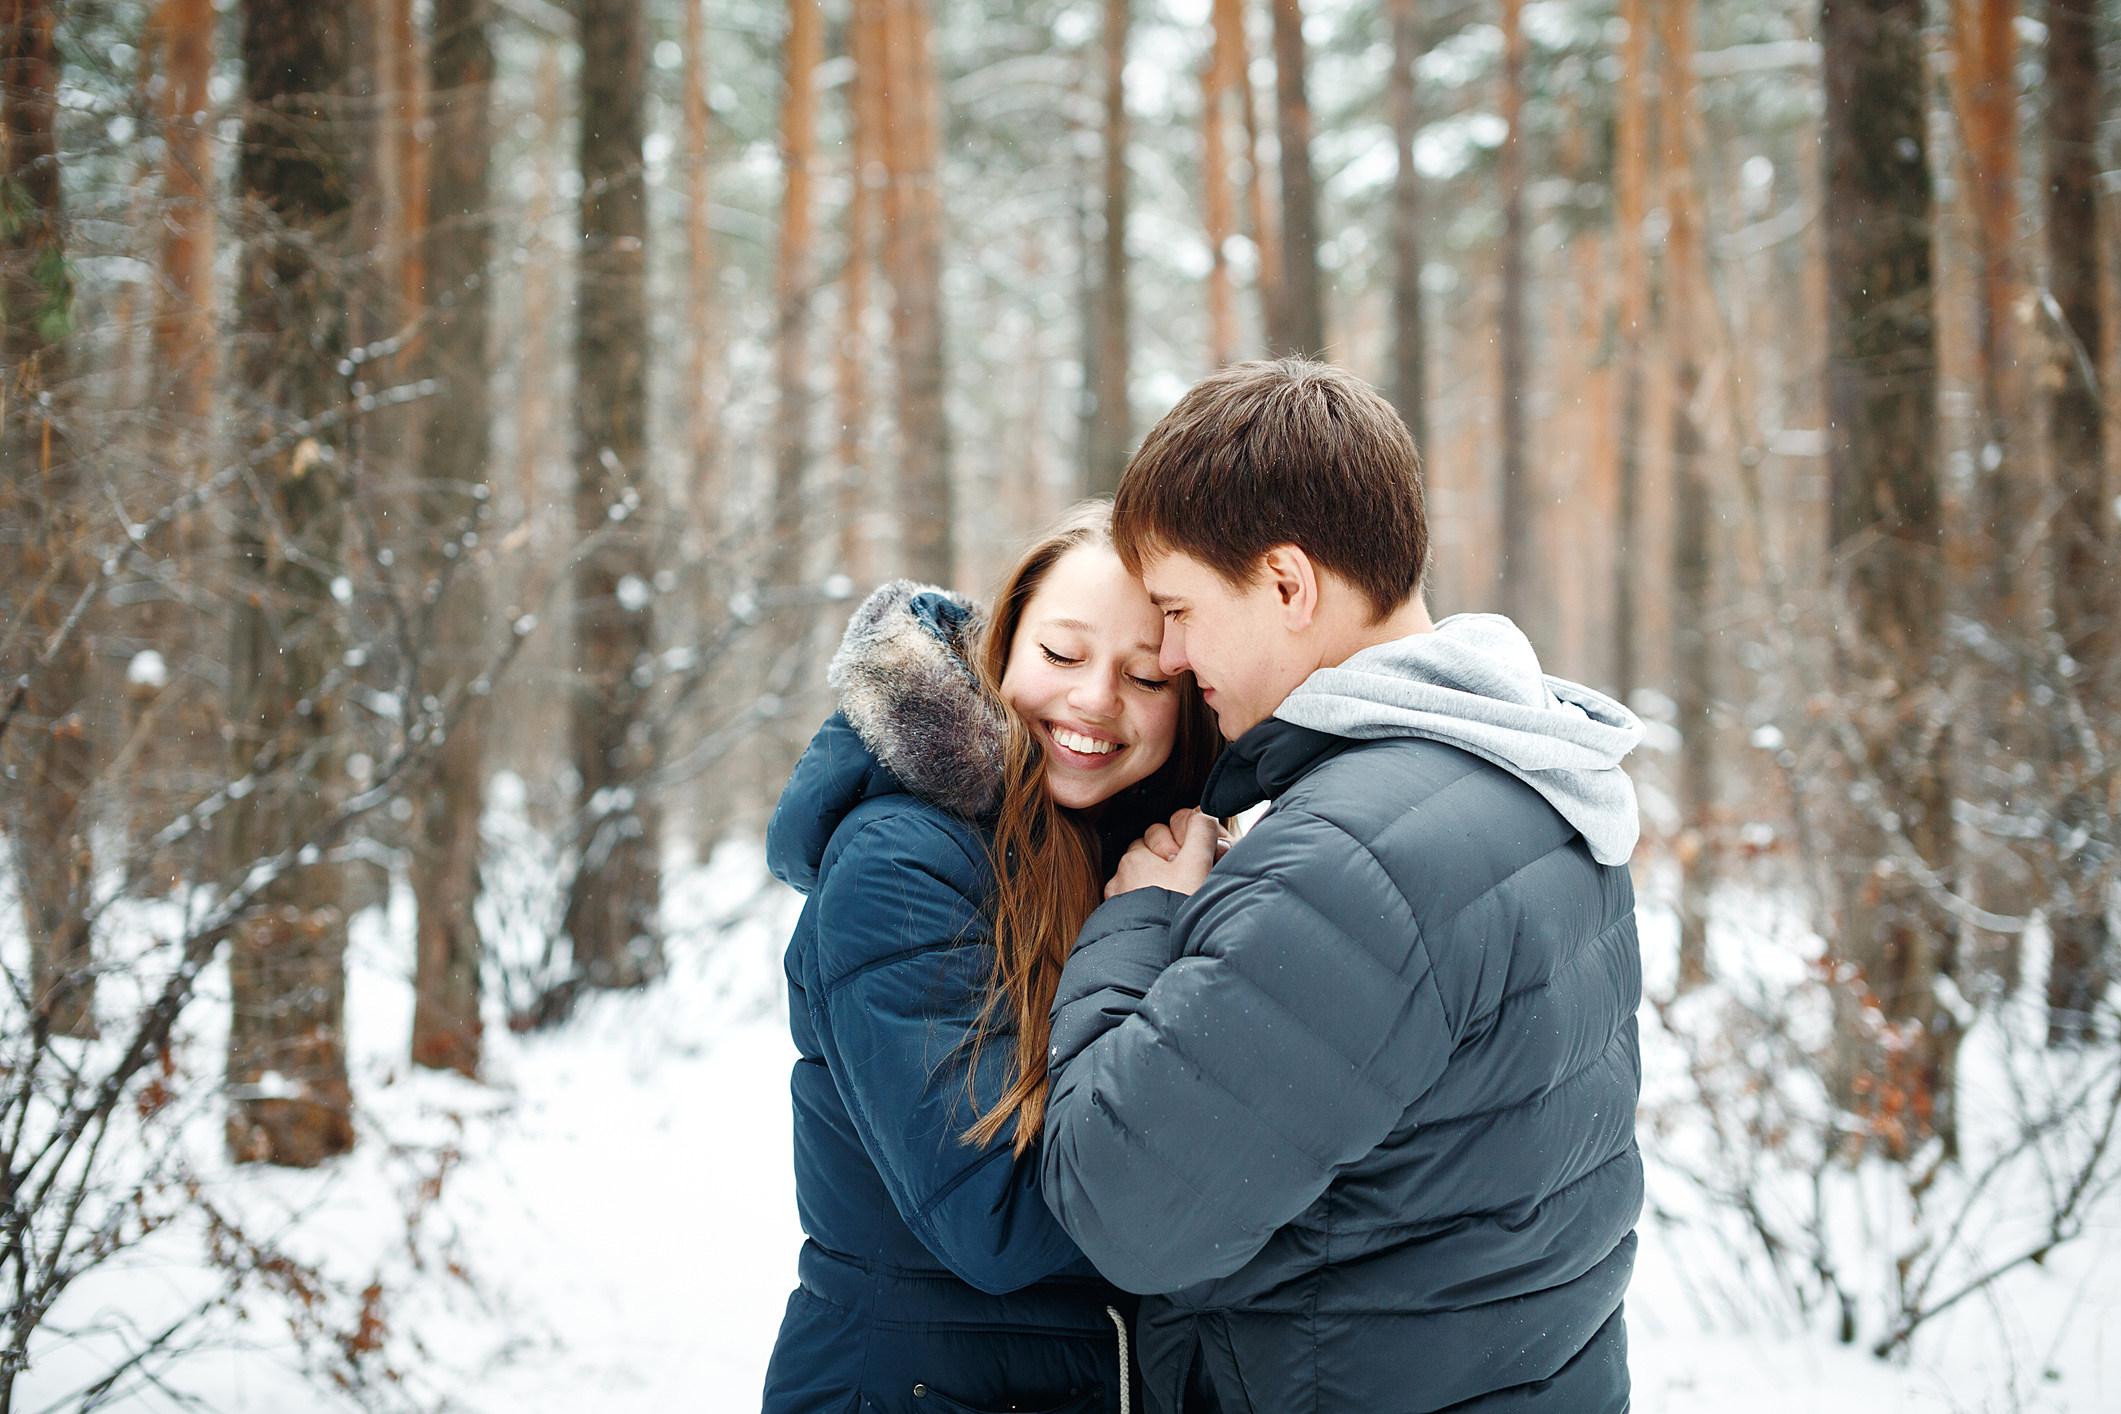 casper dating elitni svakodnevni izlasci s nekim nesigurnim